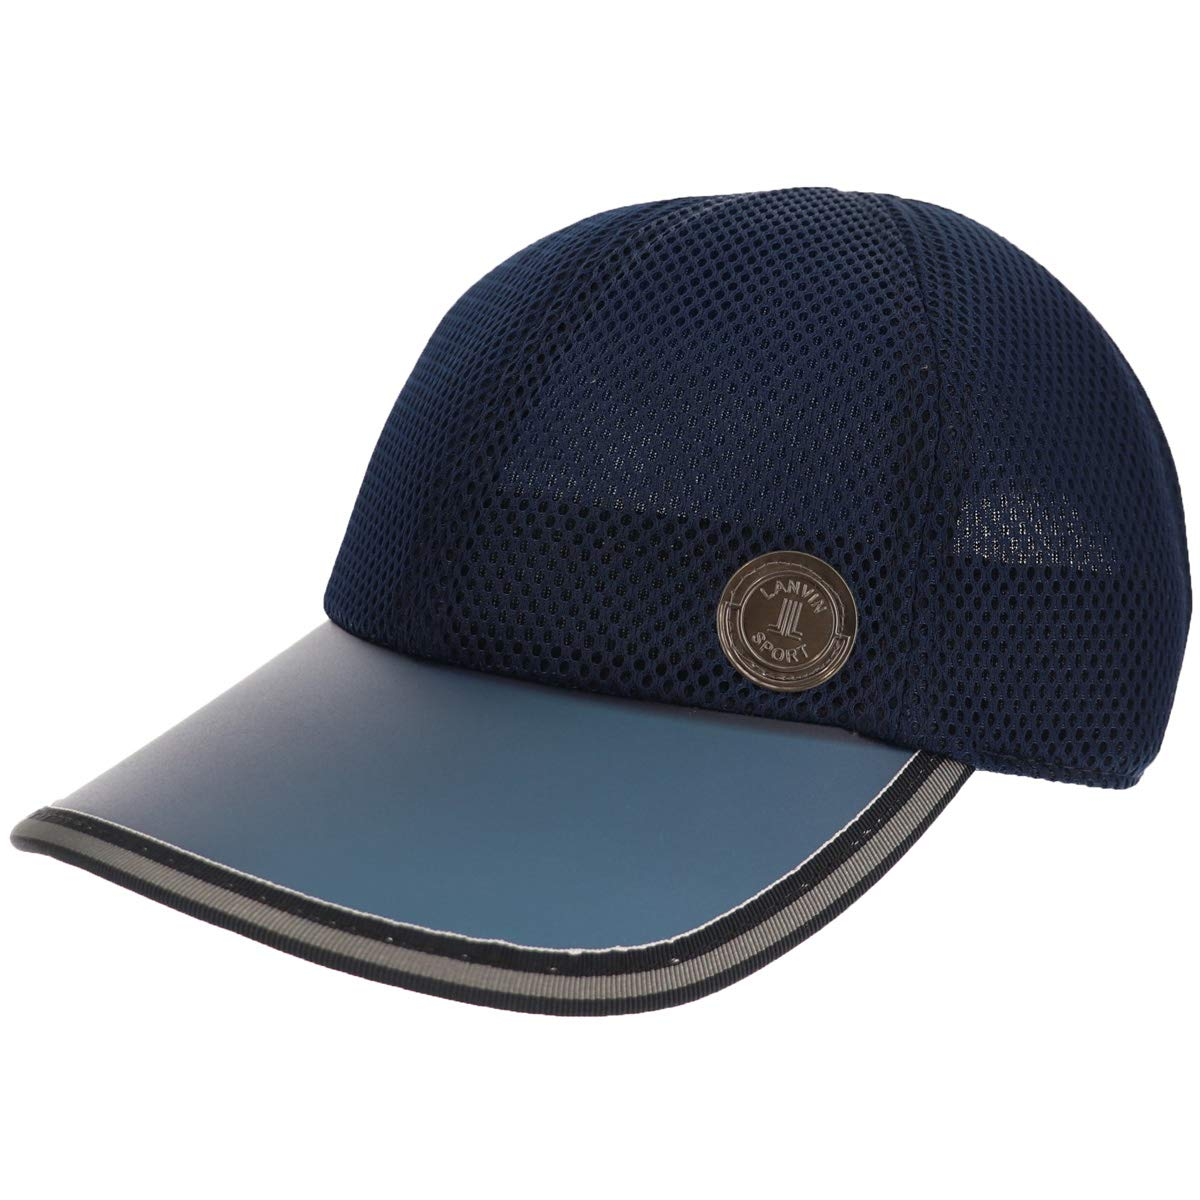 期間限定特別価格 ランバン スポール LANVIN SPORT SPORT 帽子 ネイビー キャップ レディス フリー ネイビー LANVIN 03 B07PZKZFT8, タックオンライン:3c1e599e --- arianechie.dominiotemporario.com